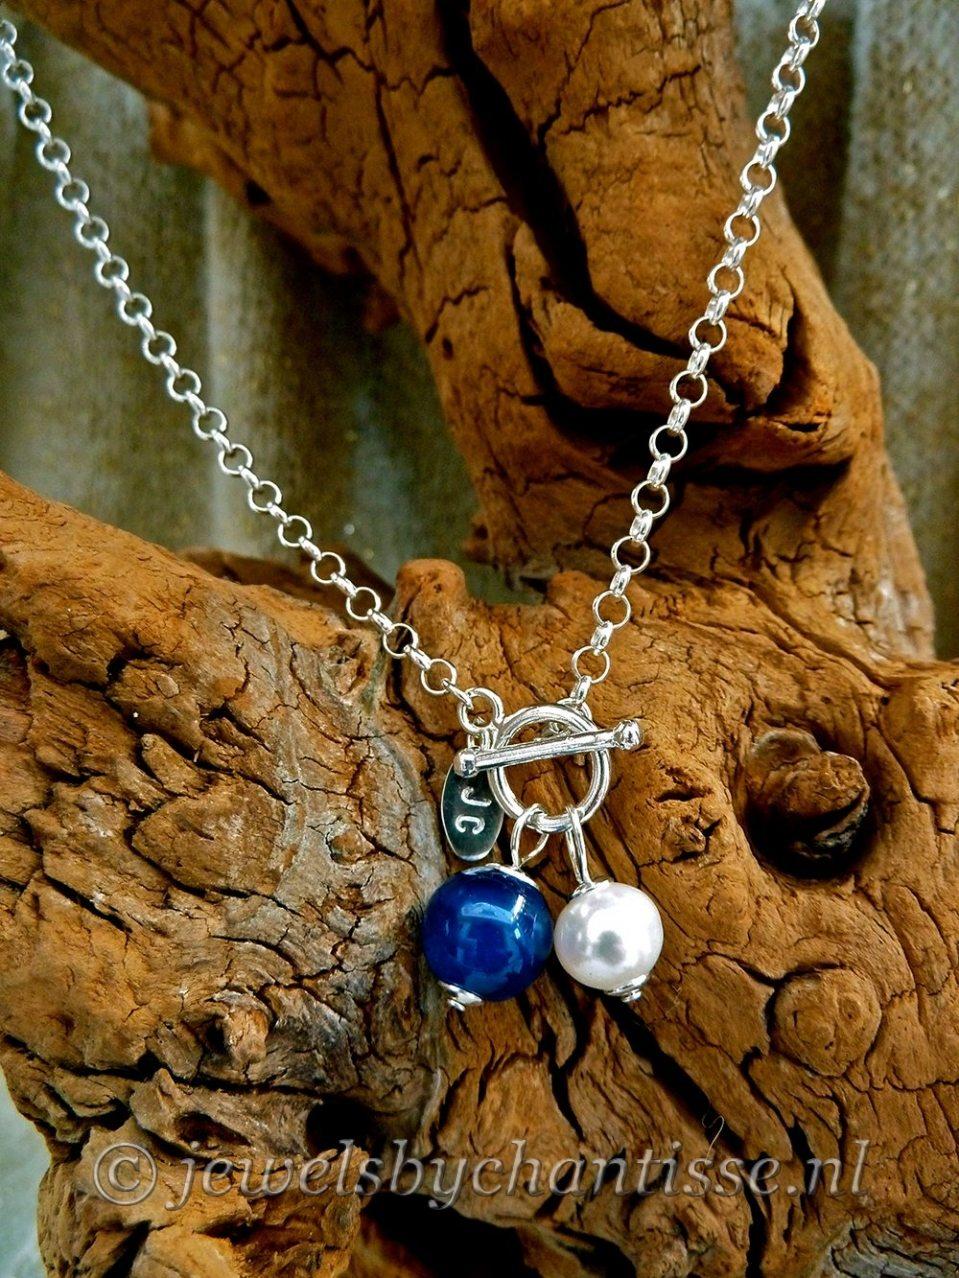 Zilveren Jasseronketting met blauwe Agaat